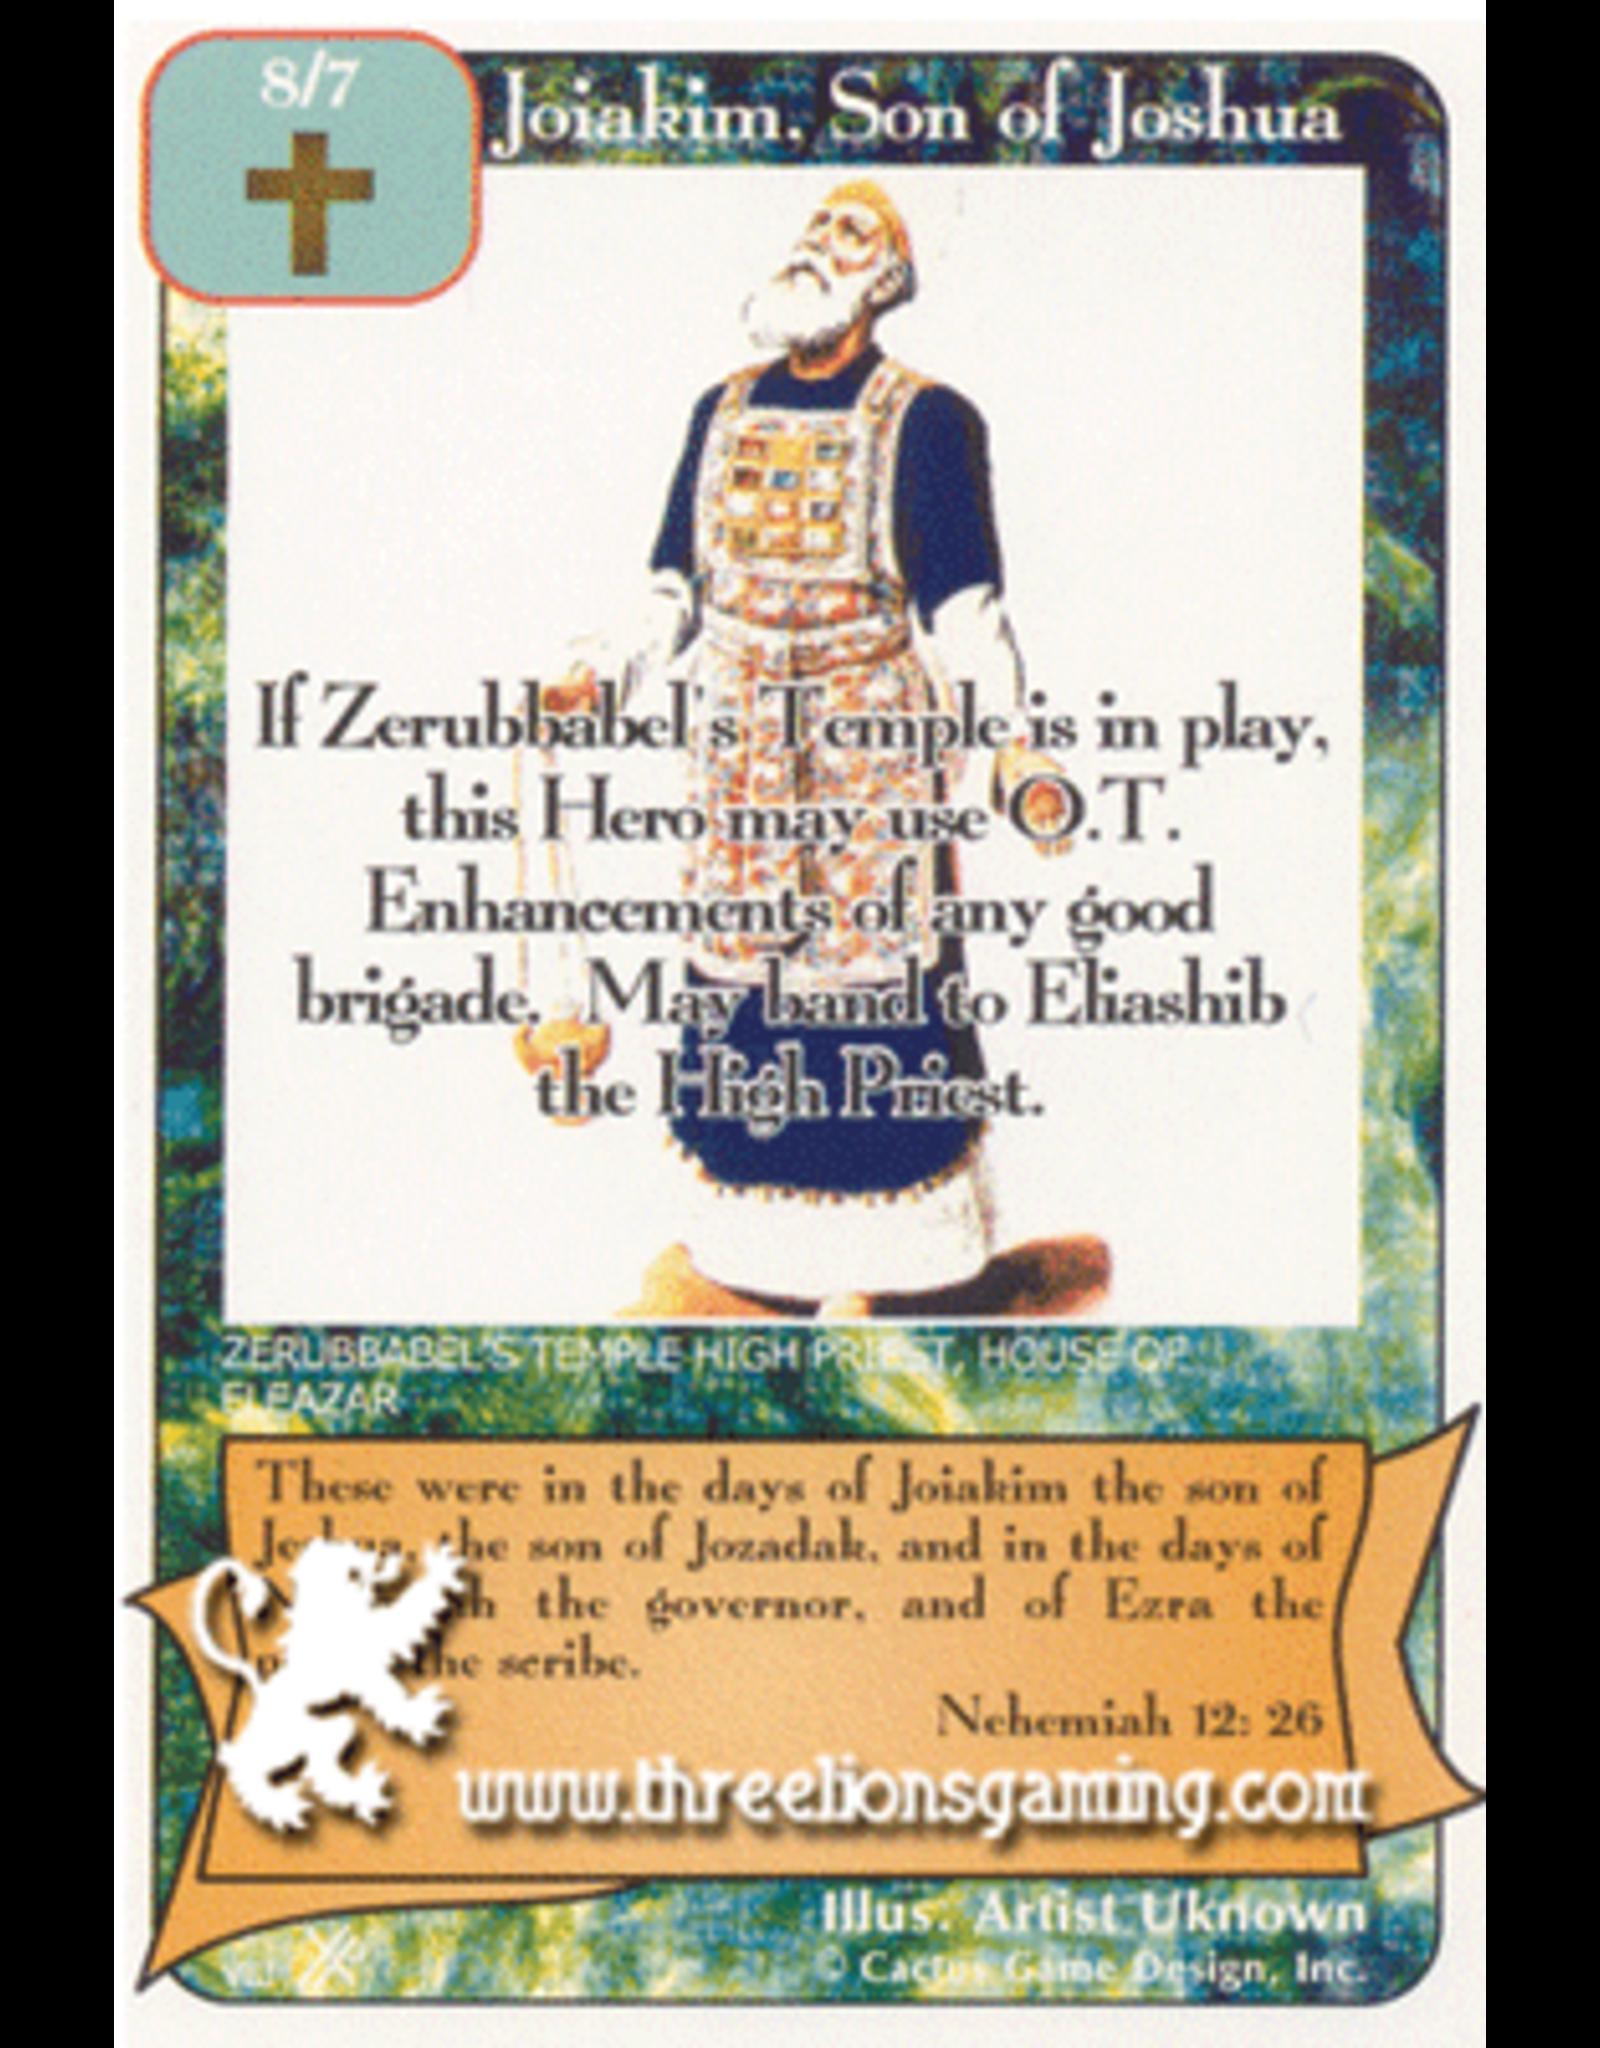 FoOF: Joiakim, son of Joshua